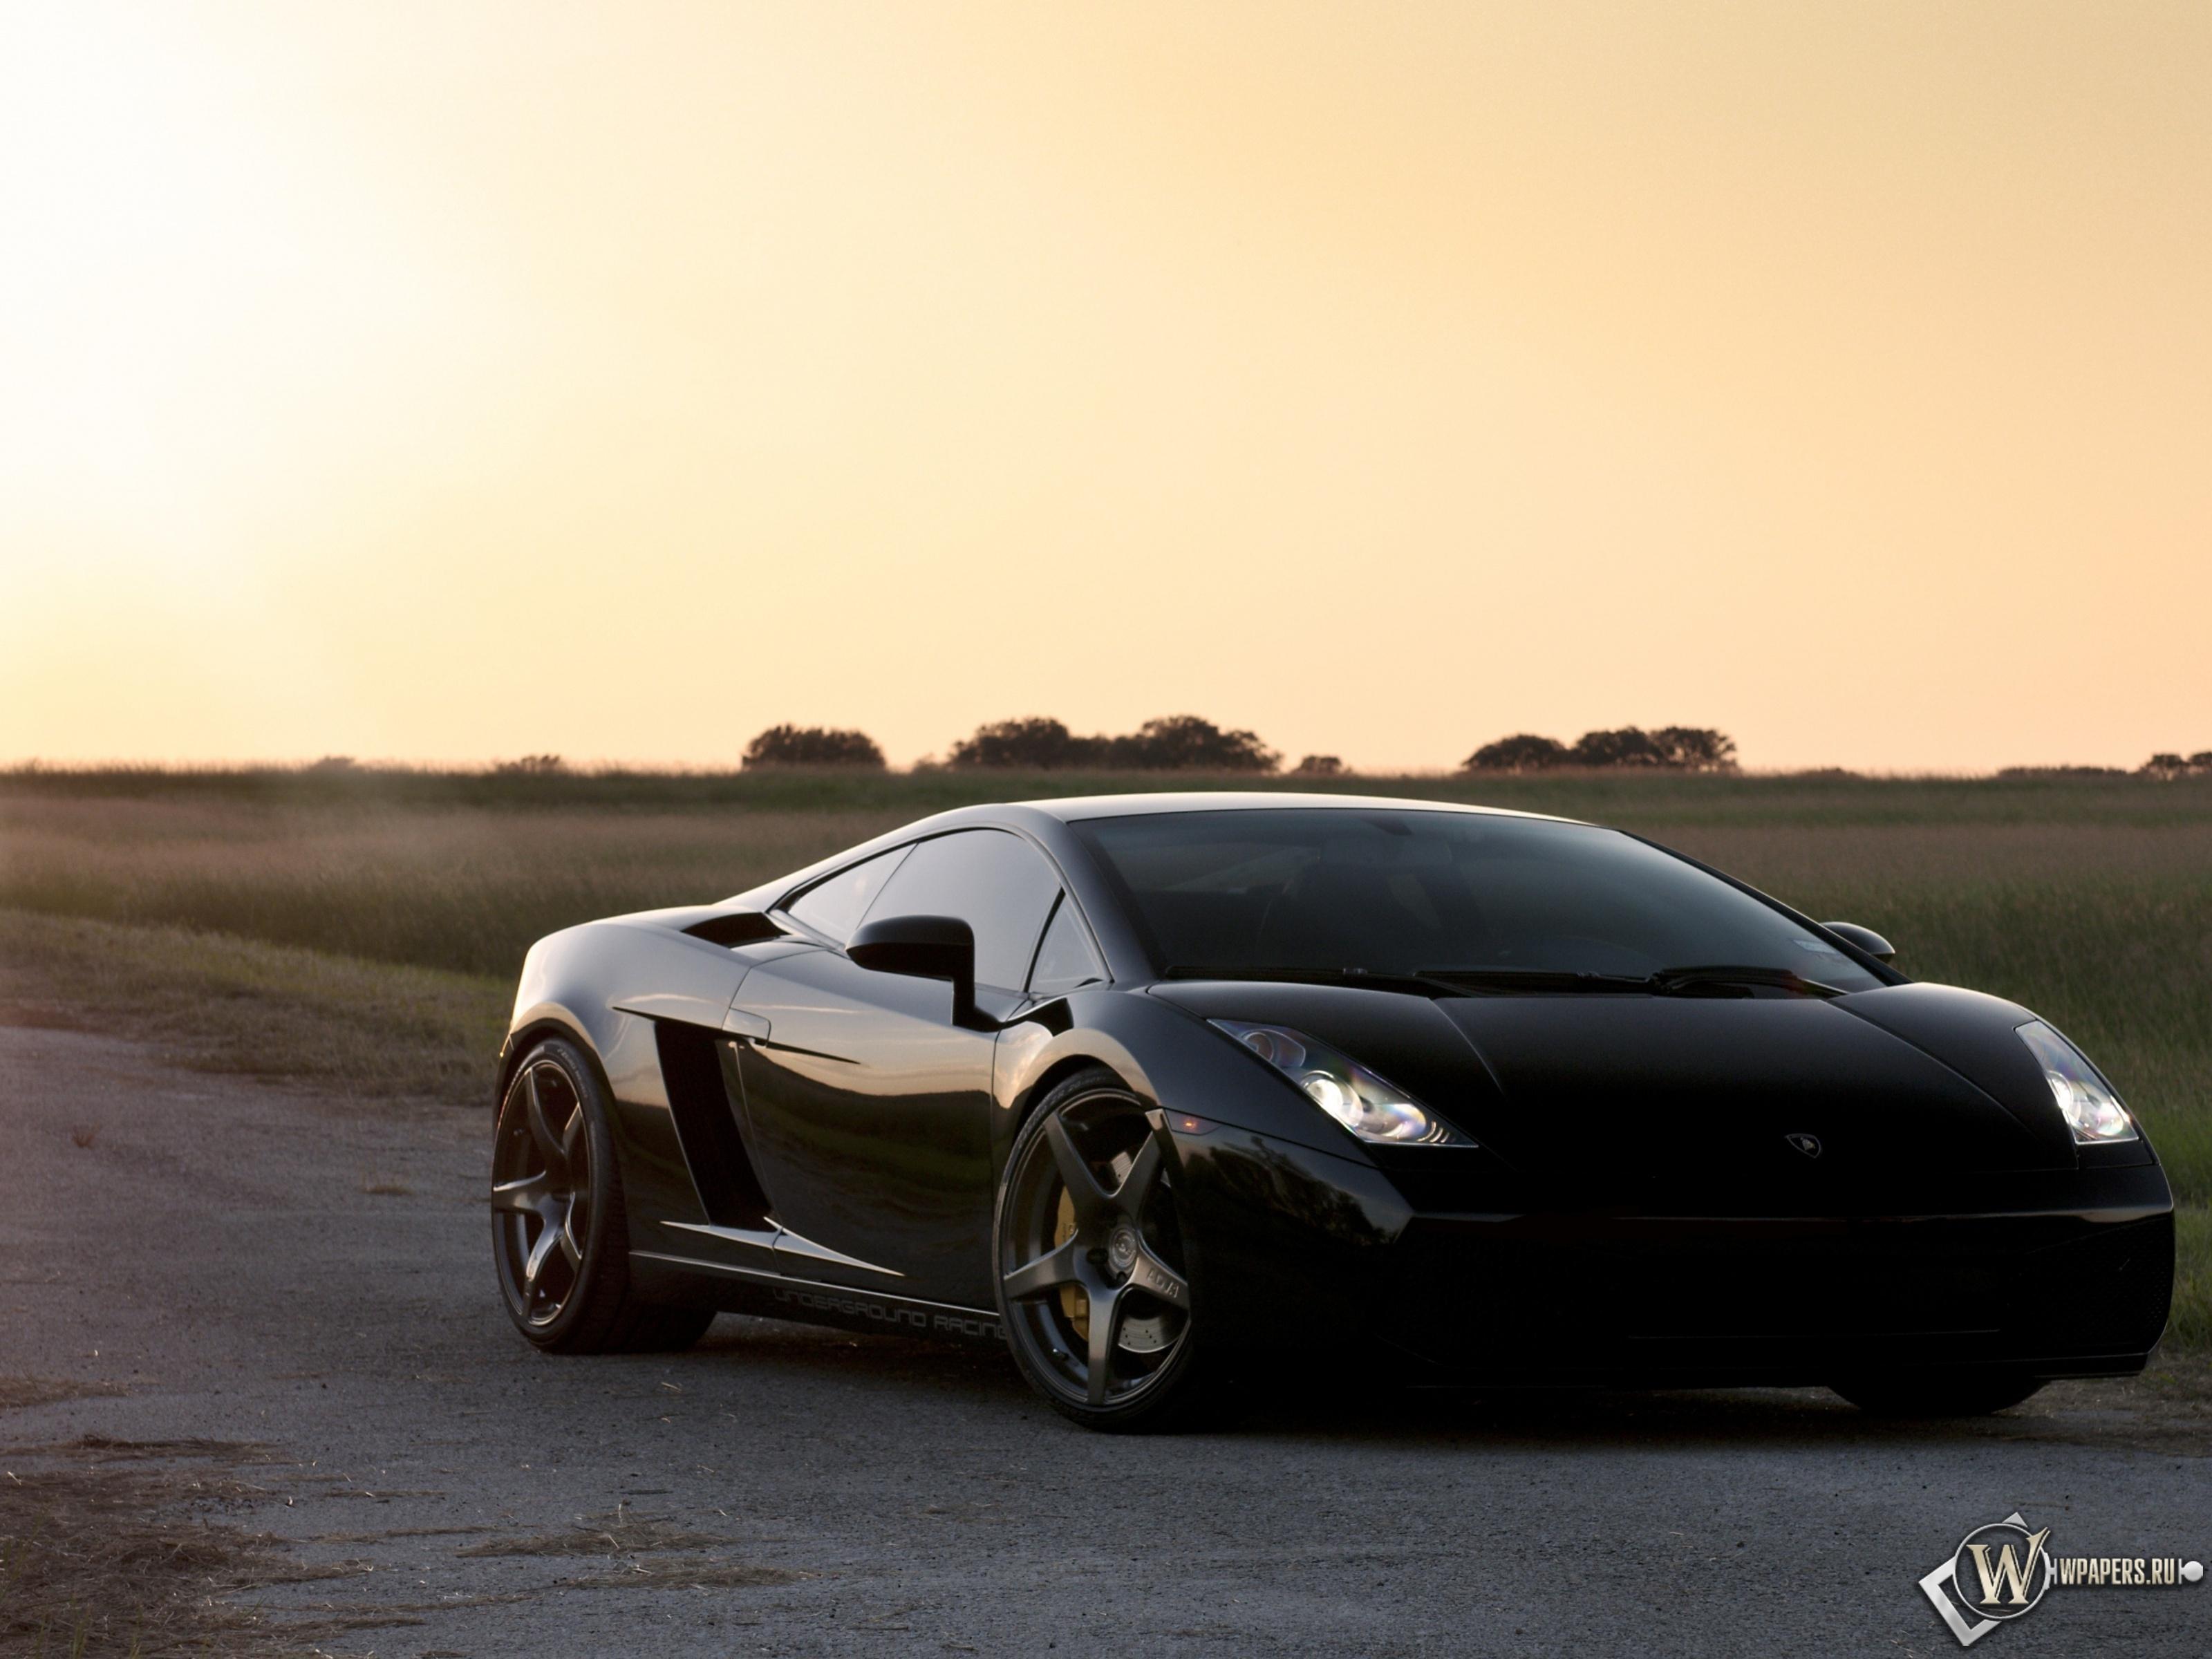 Lamborghini Gallardo 3200x2400